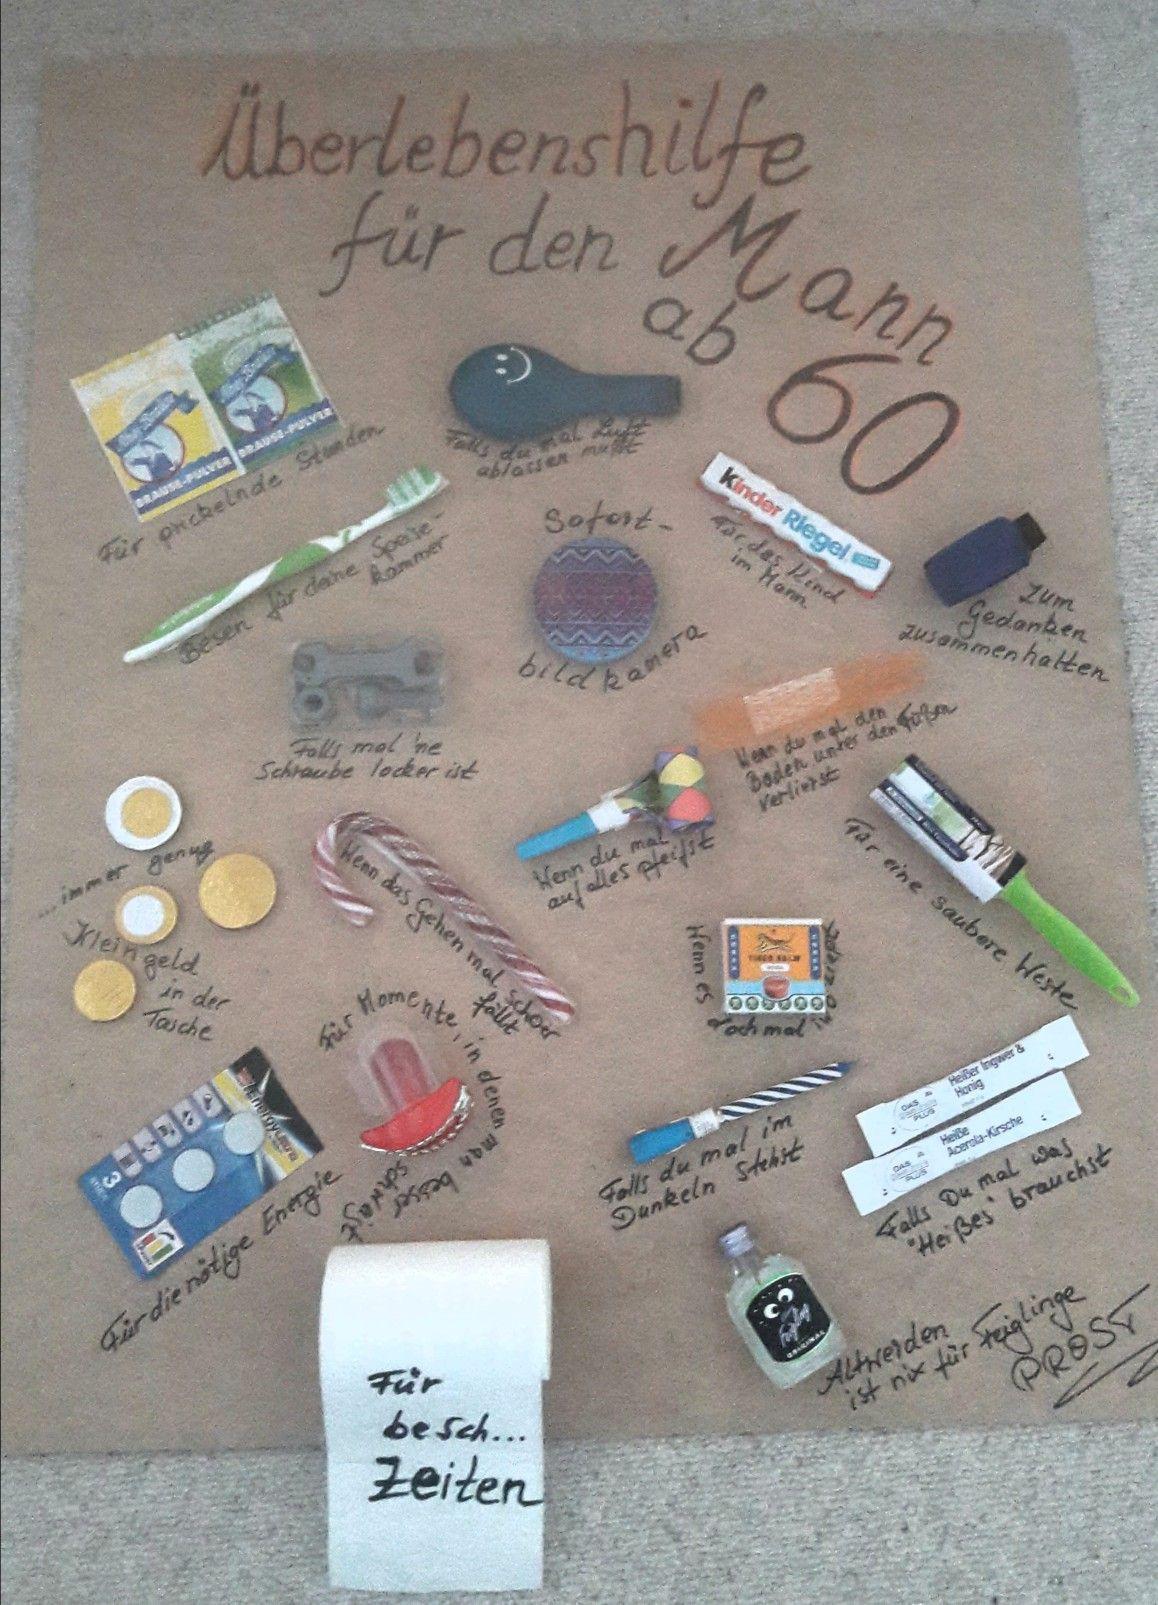 Lustige Geschenke Zum 40. Geburtstag  Pin von Anja Otten auf Geschenke